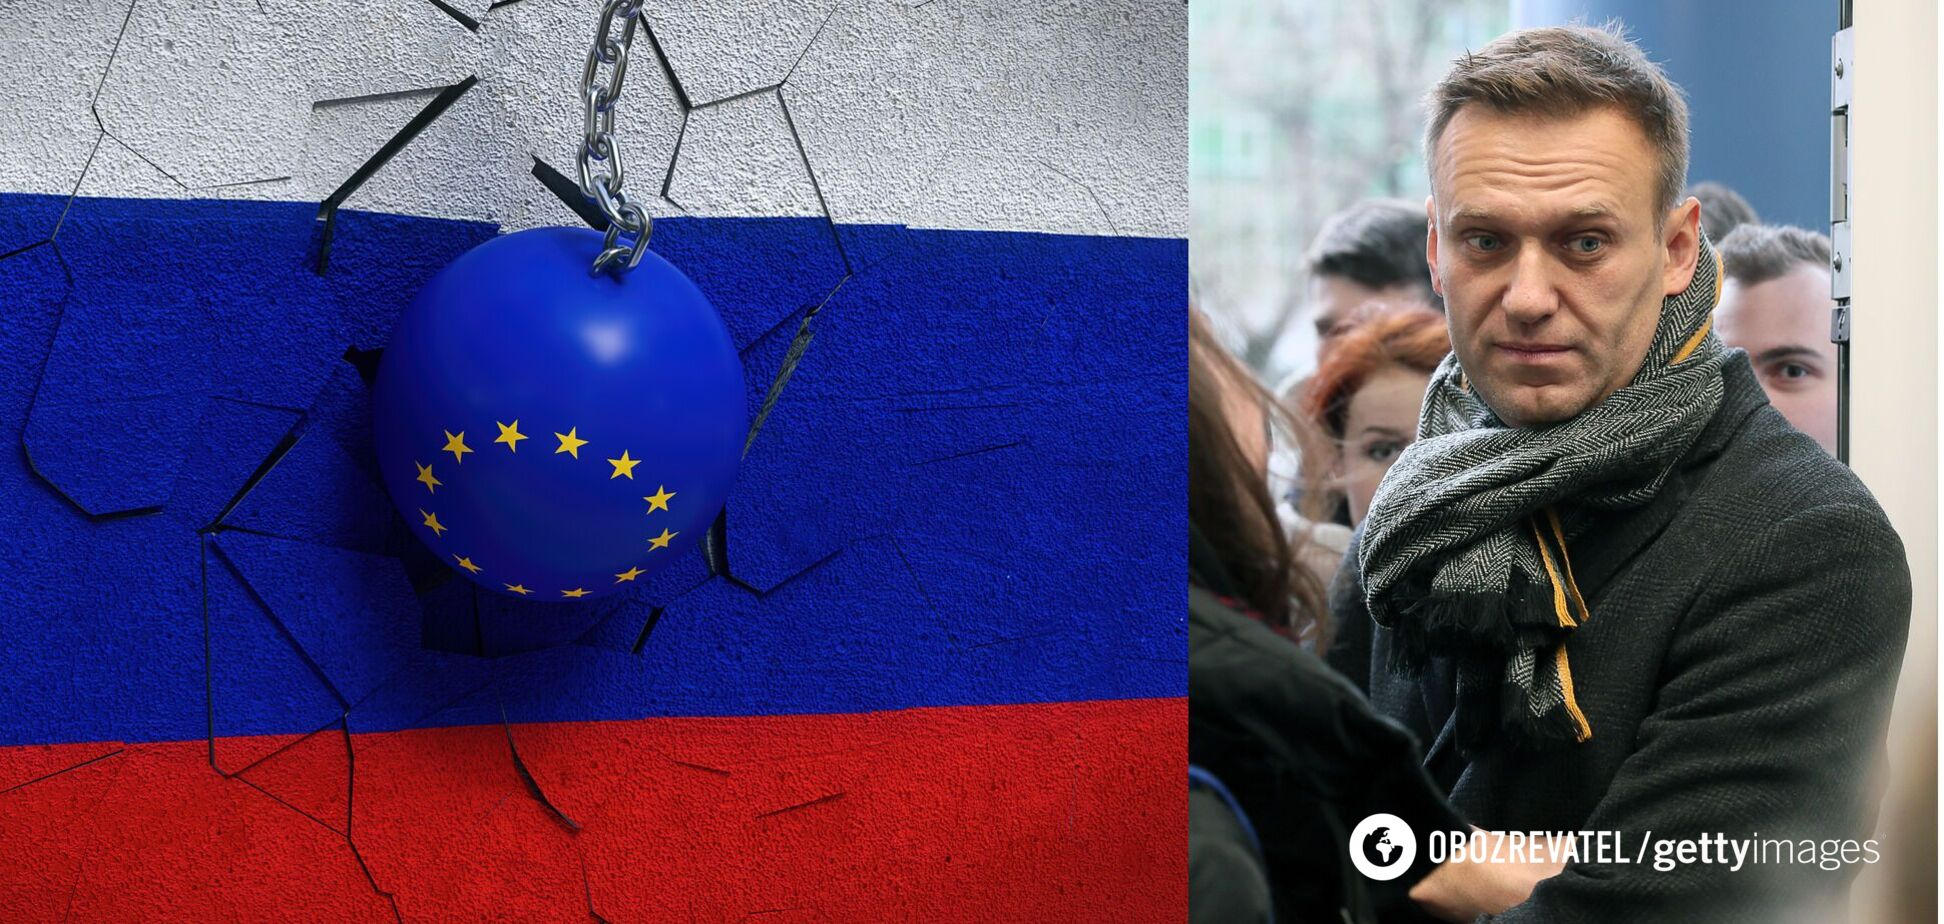 Главы МИД стран ЕС задумали санкции против России из-за дела Навального